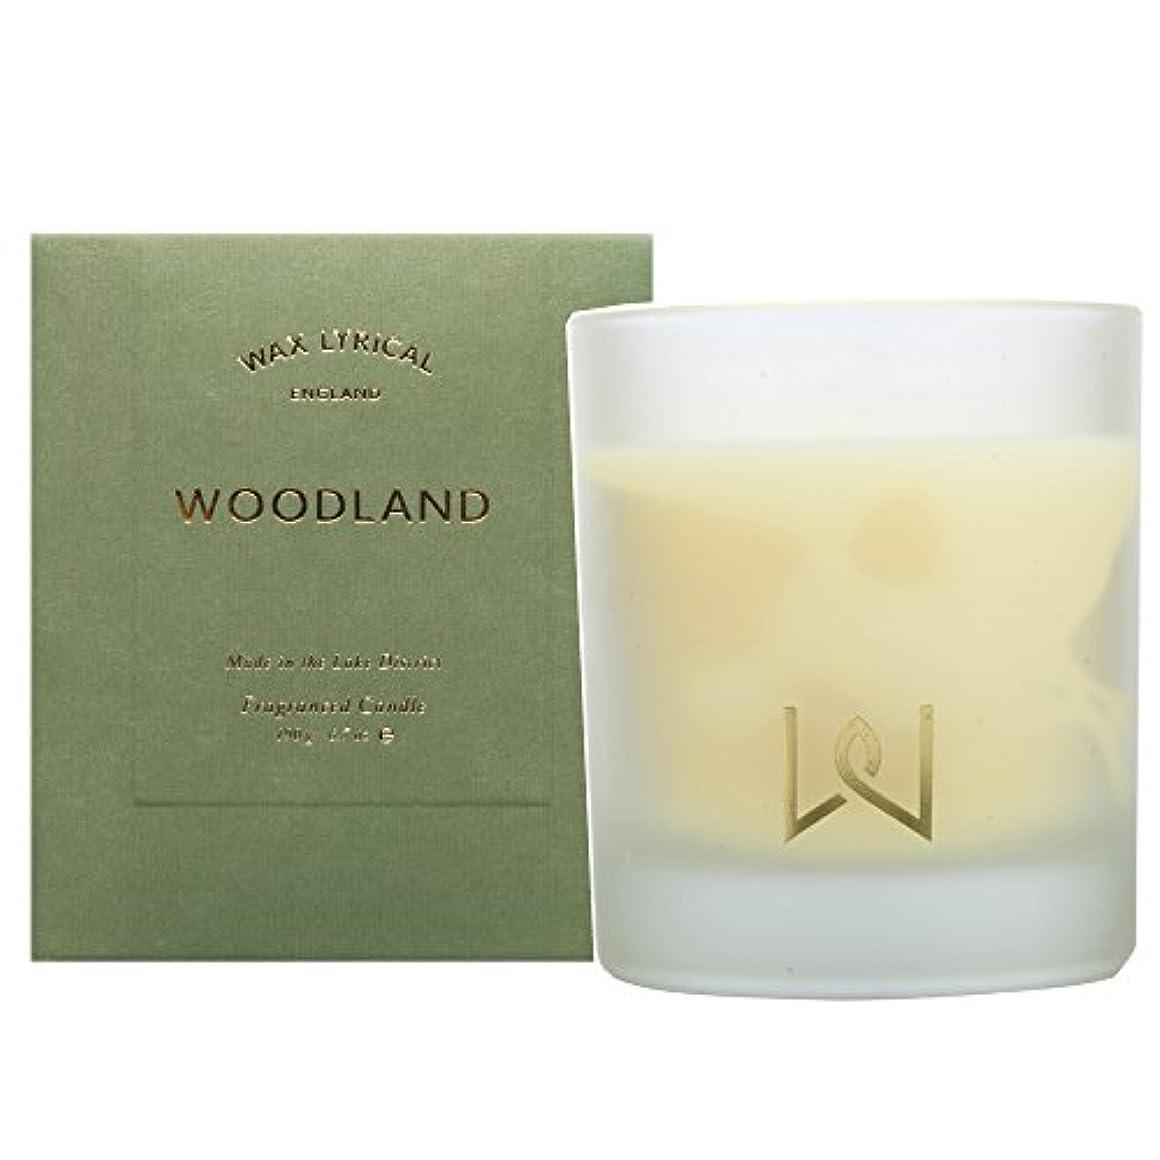 白雪姫デッドロック中庭ワックスリリカル(WAX LYRICAL) グラス入りキャンドル/ウッドランド